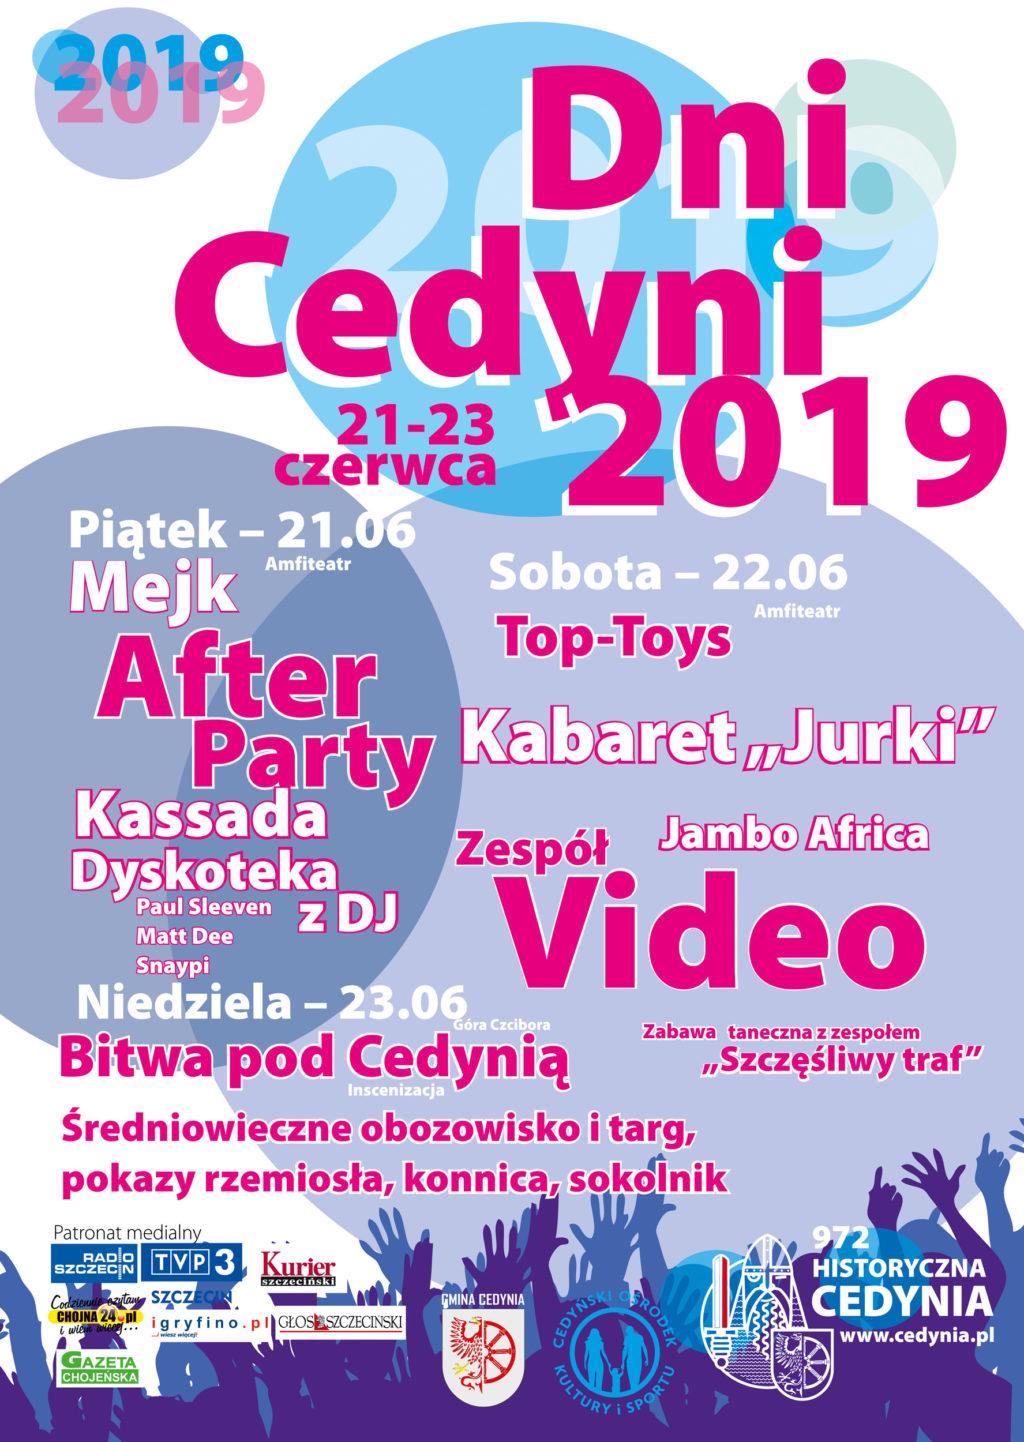 Dni Cedyni 2019